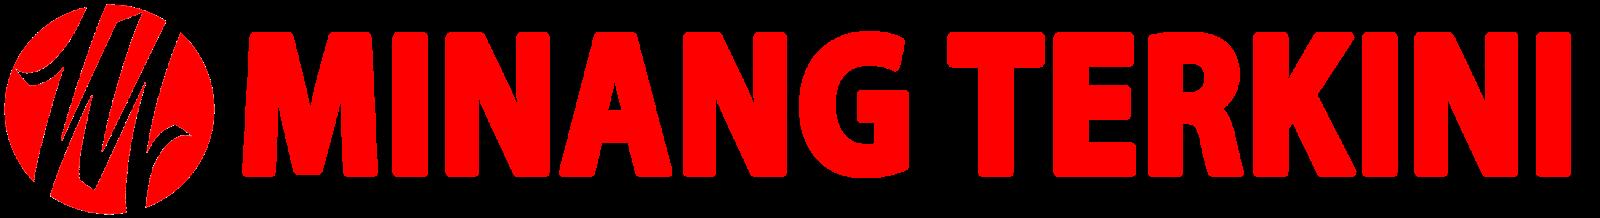 Minang Terkini